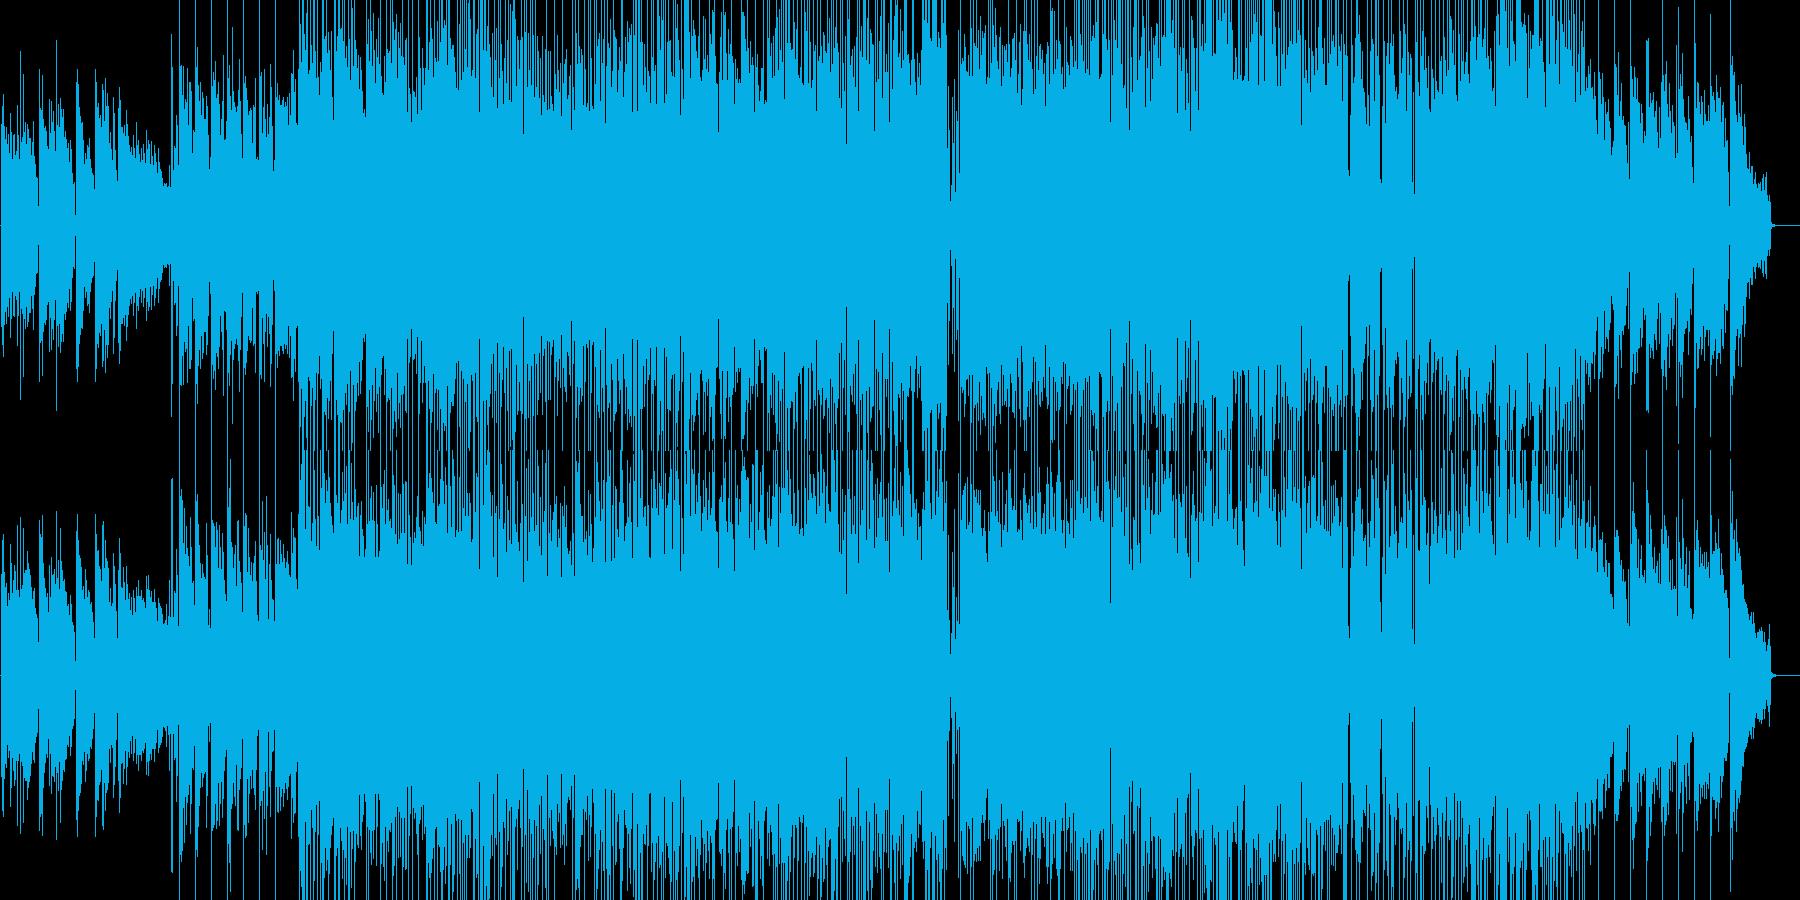 セミアコ生録(Smooth Jazz)の再生済みの波形